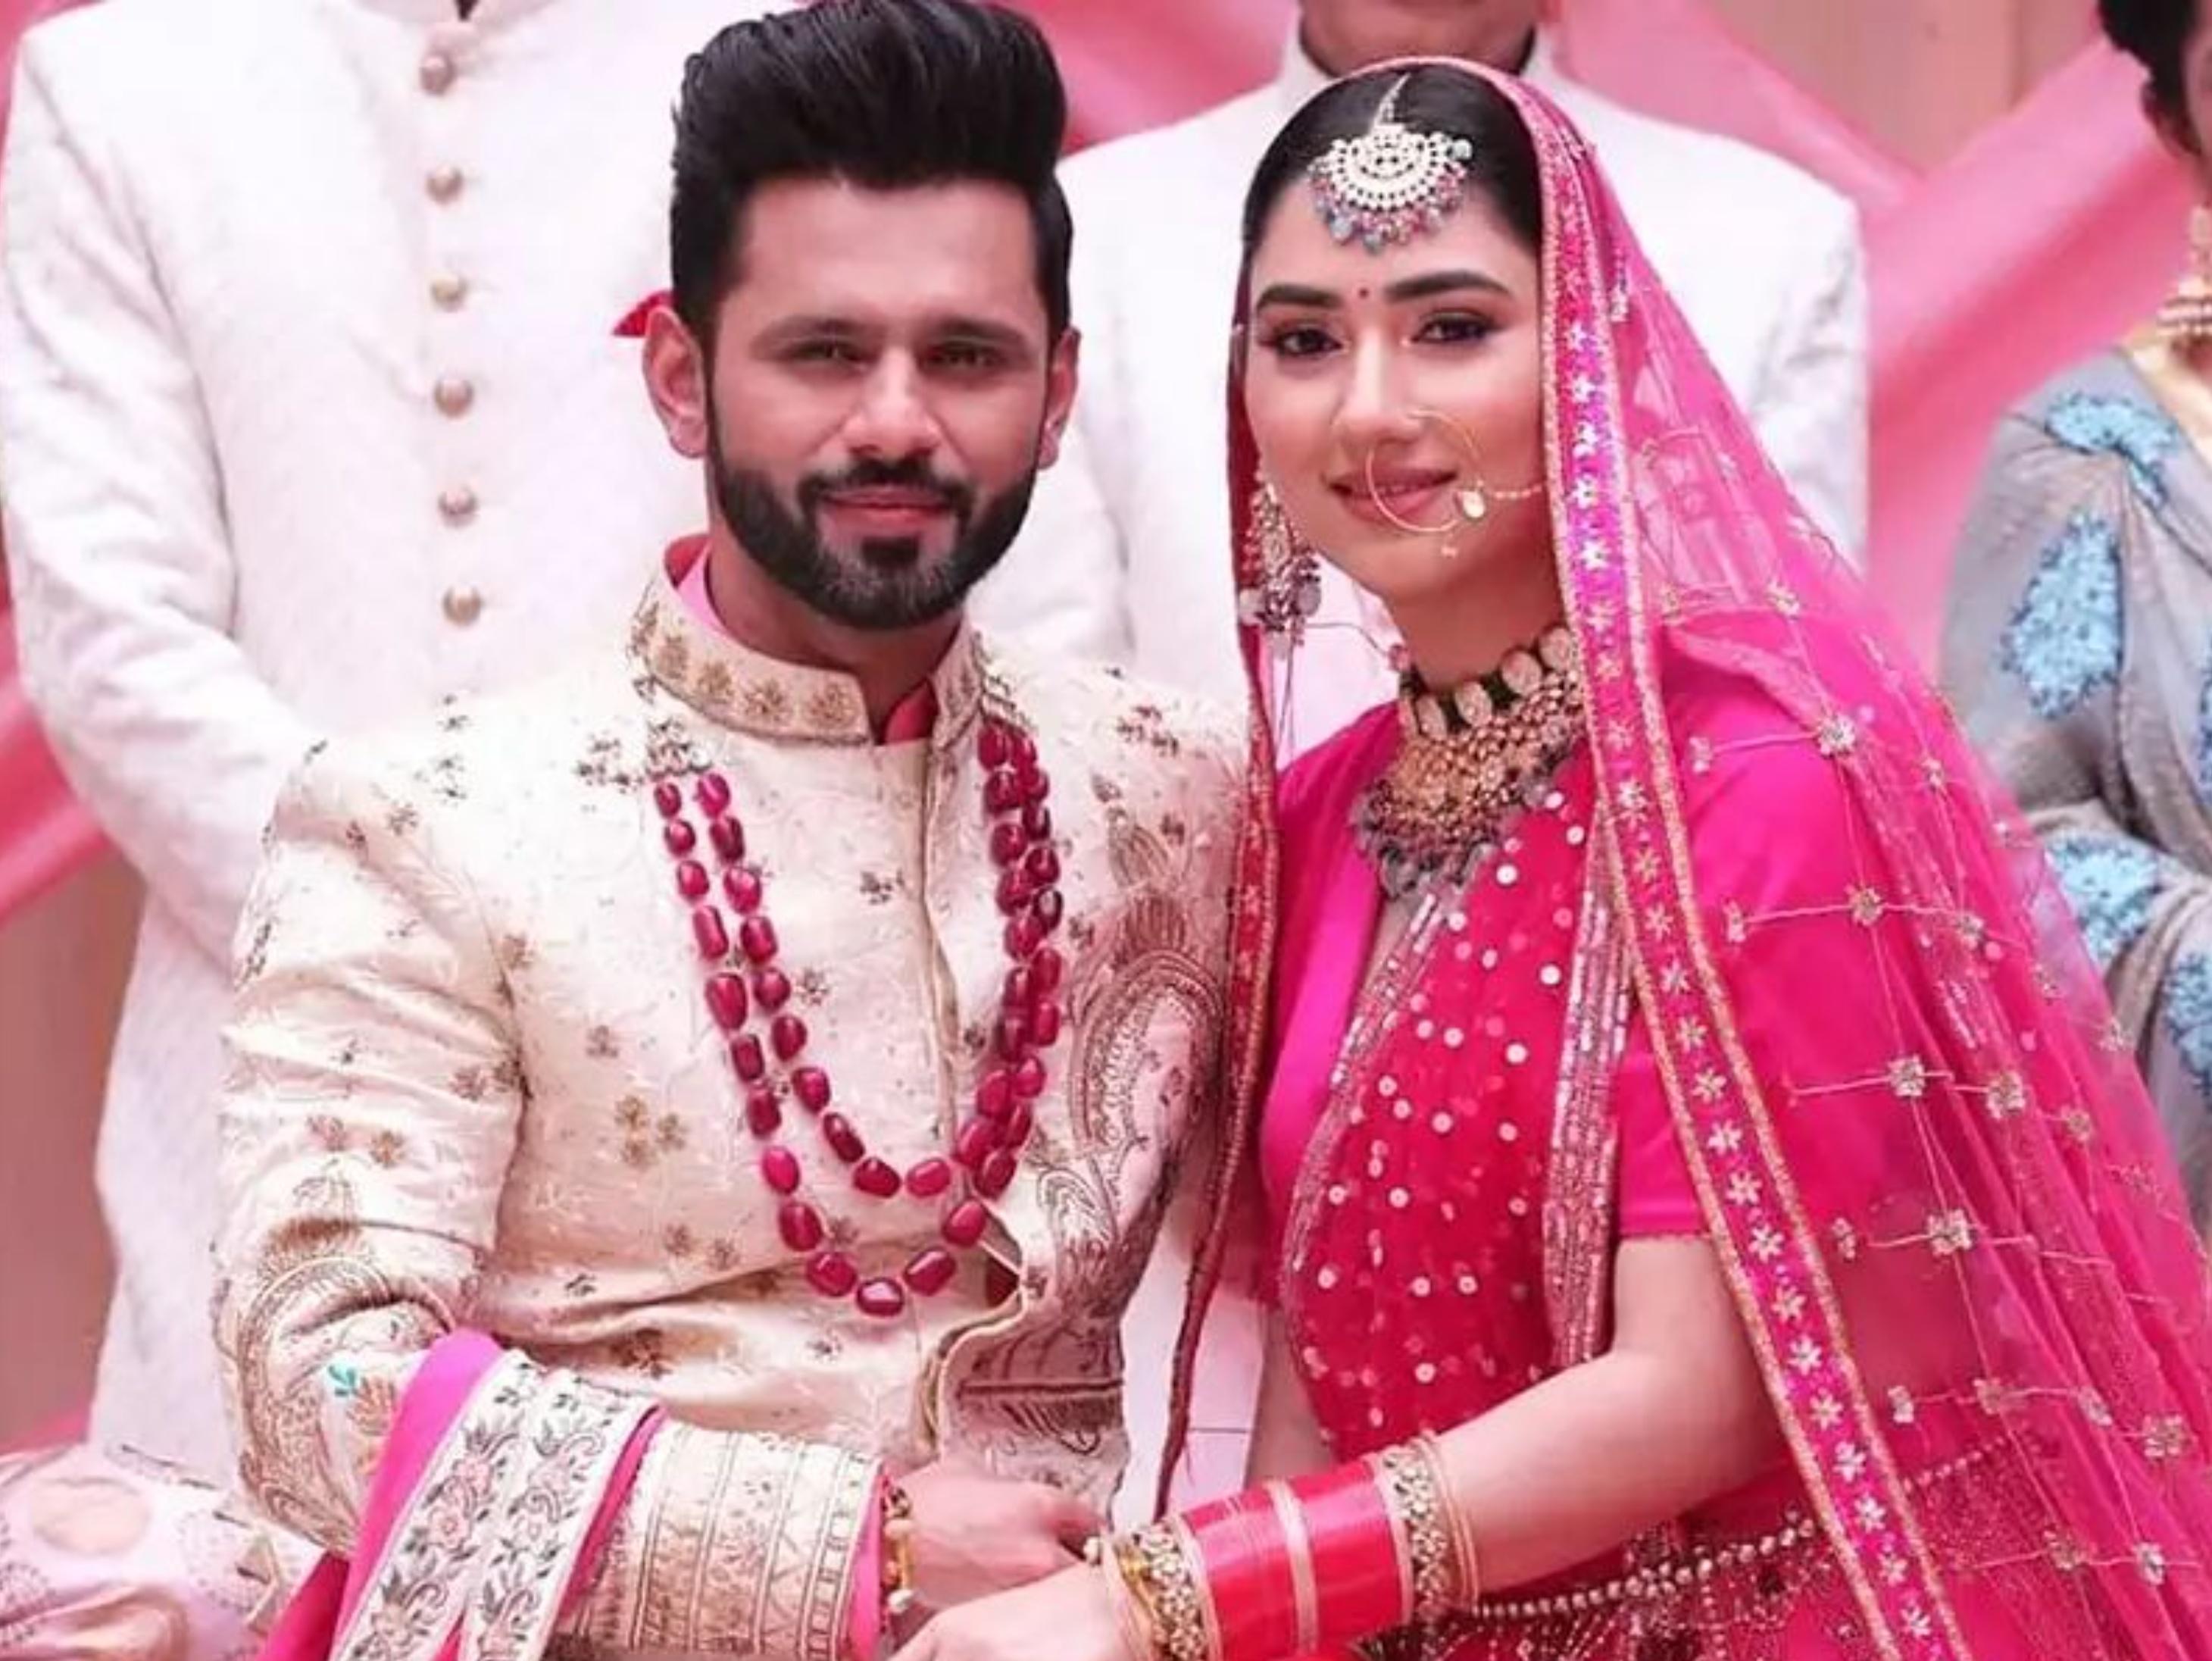 16 जुलाई को वैदिक रीति से होगी सिंगर राहुल वैद्य-दिशा परमार की शादी, राहुल गुरबानी शबद भी गाएंगे|टीवी,TV - Dainik Bhaskar